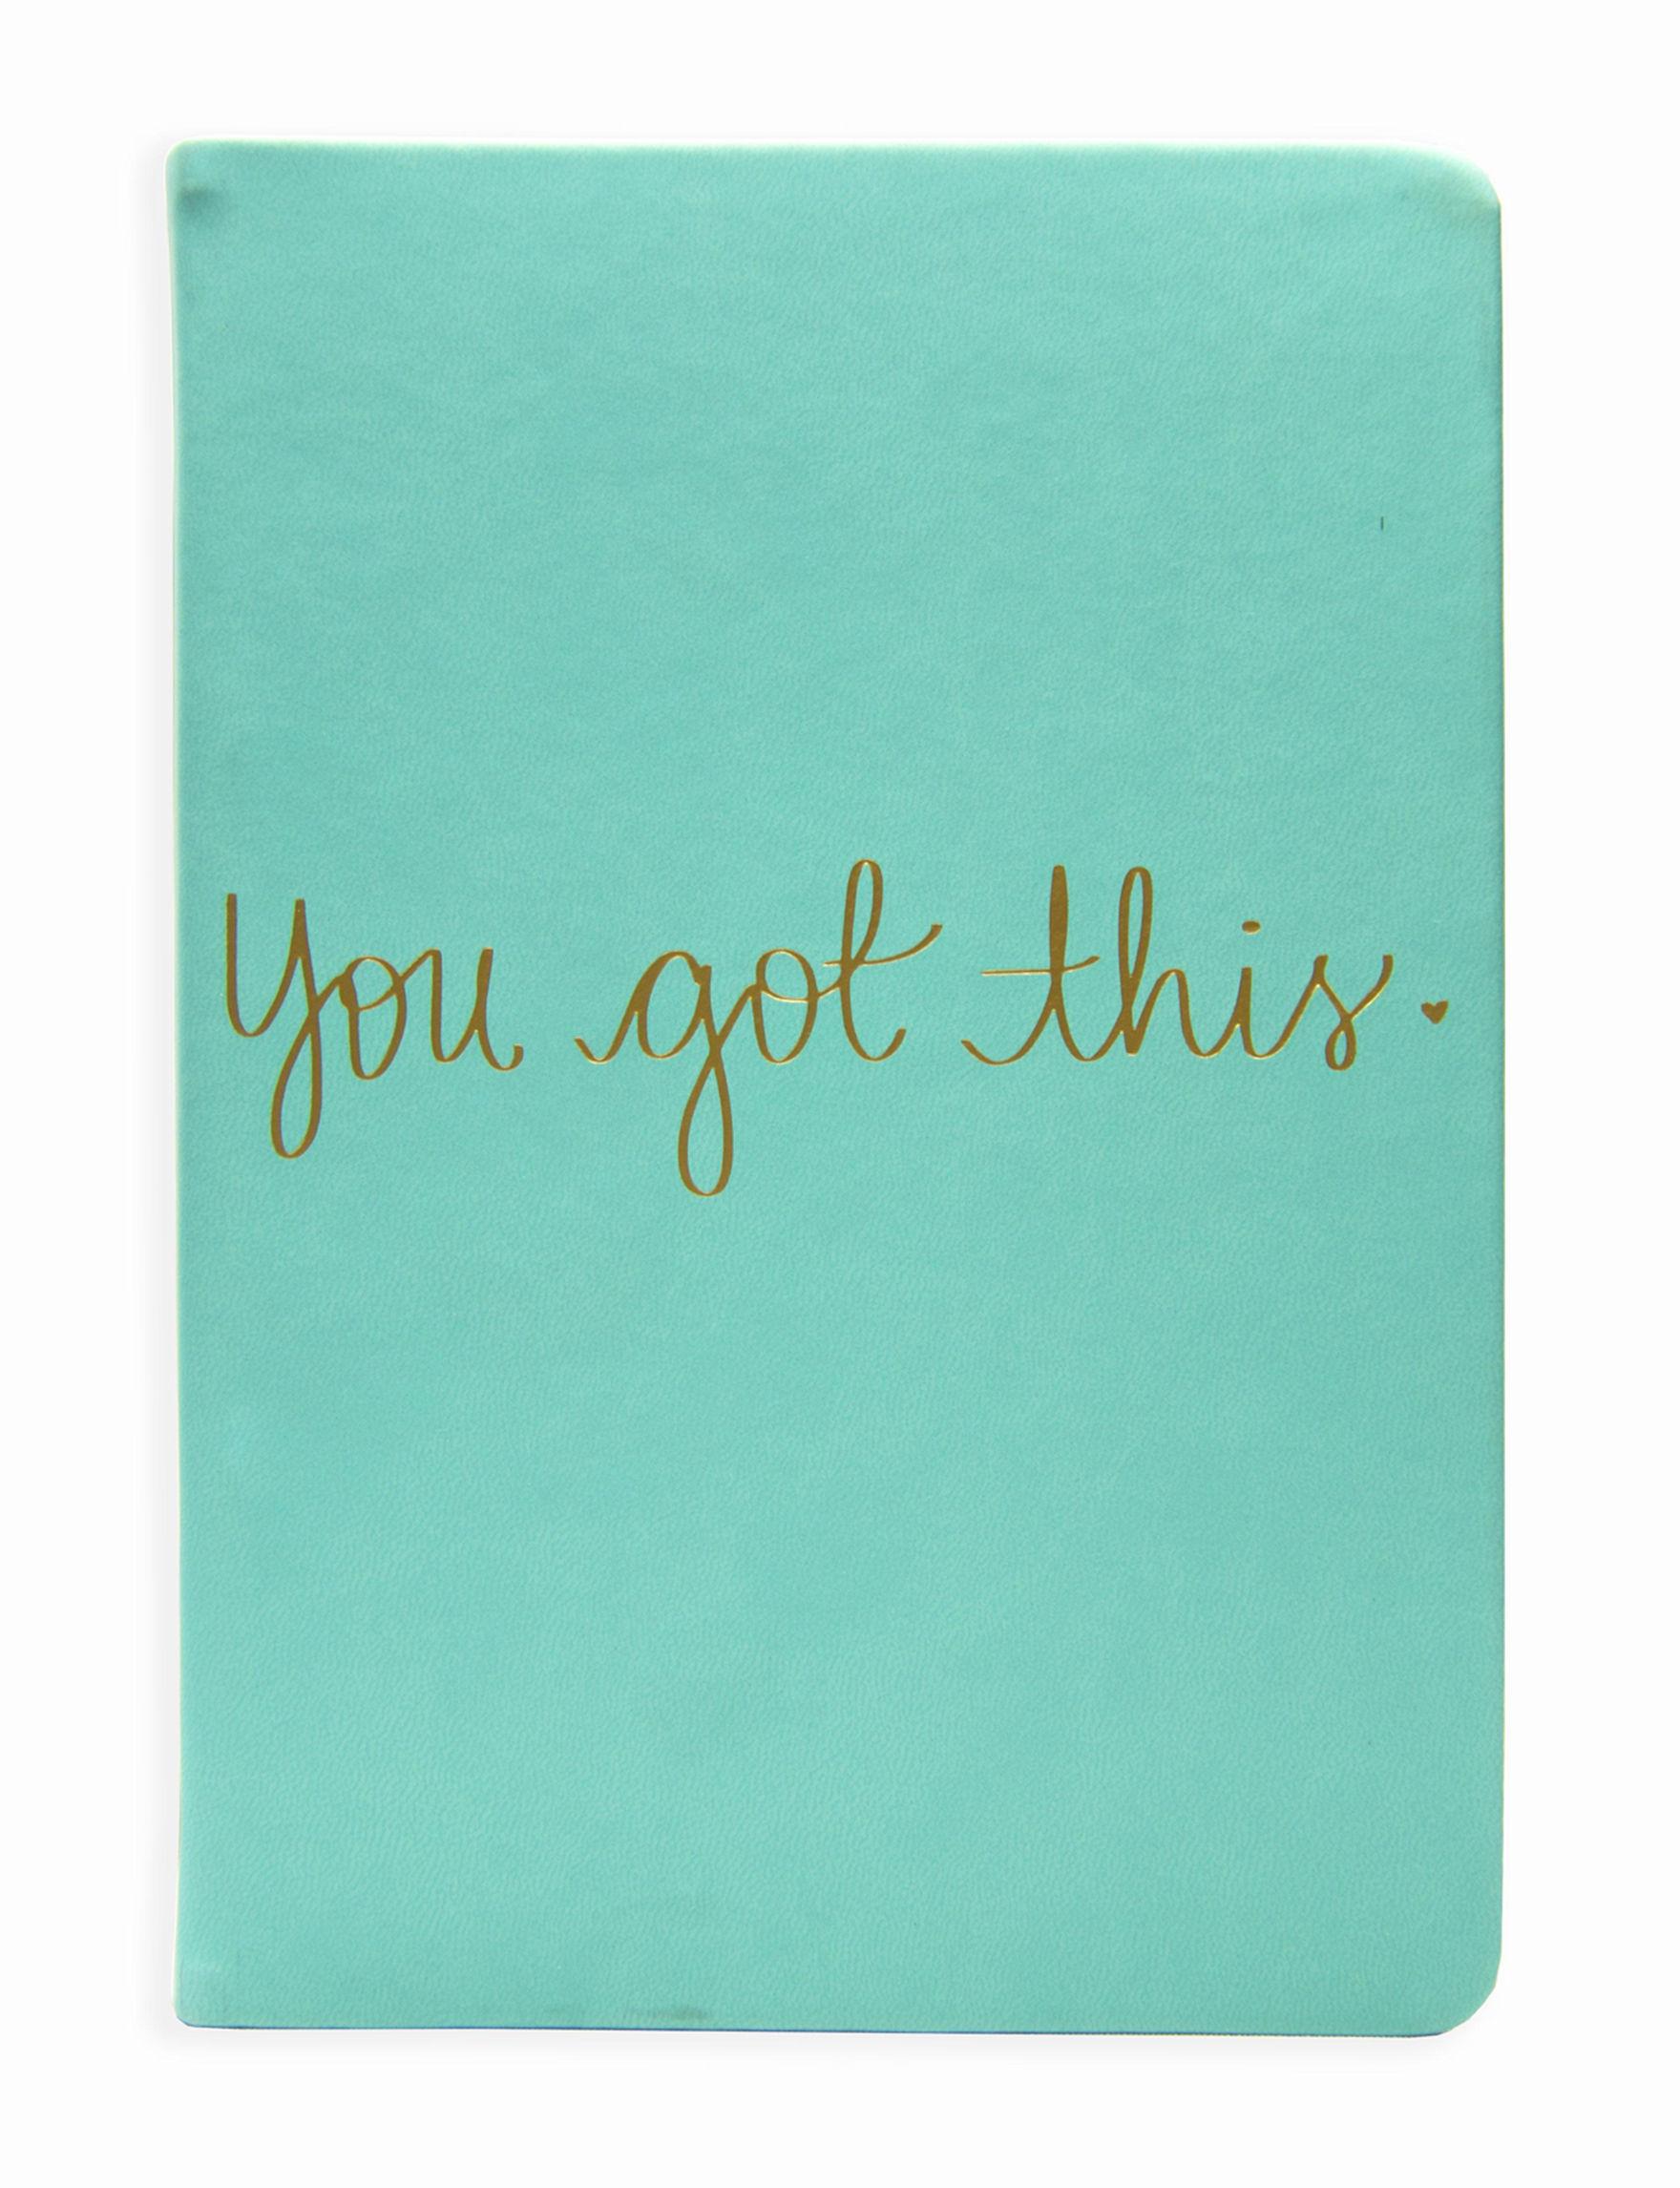 Eccolo Mint Journals & Notepads School & Office Supplies